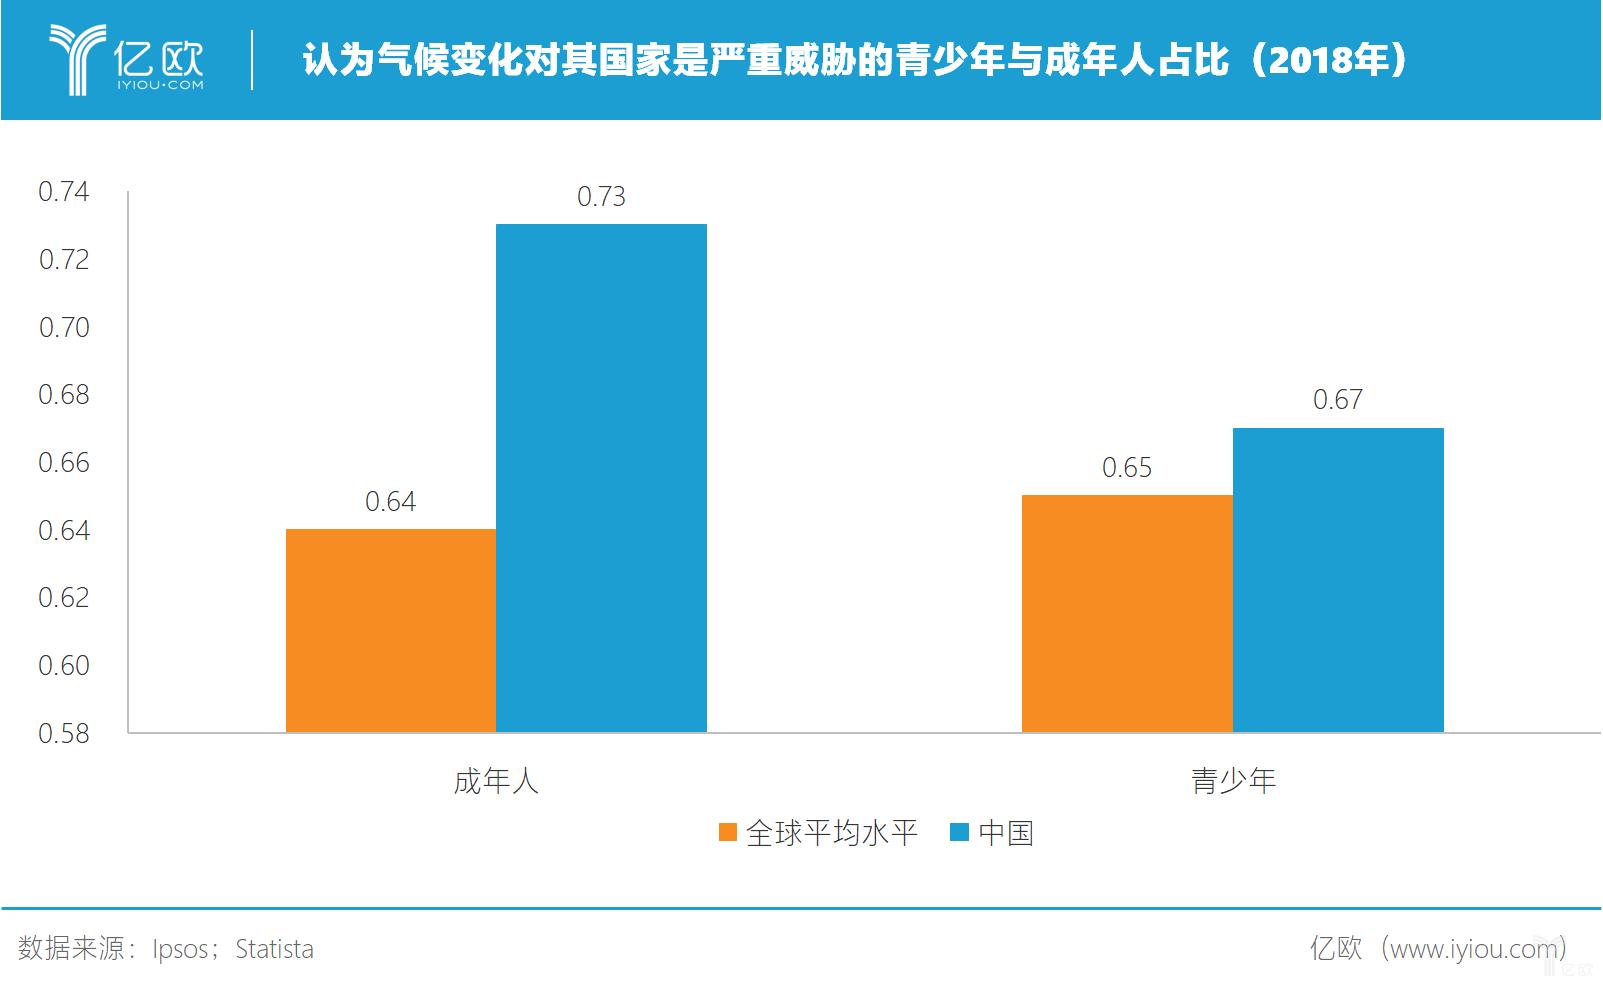 億歐:认为气候变化对其国家是严重威胁的青年人与成年人占比(2018)